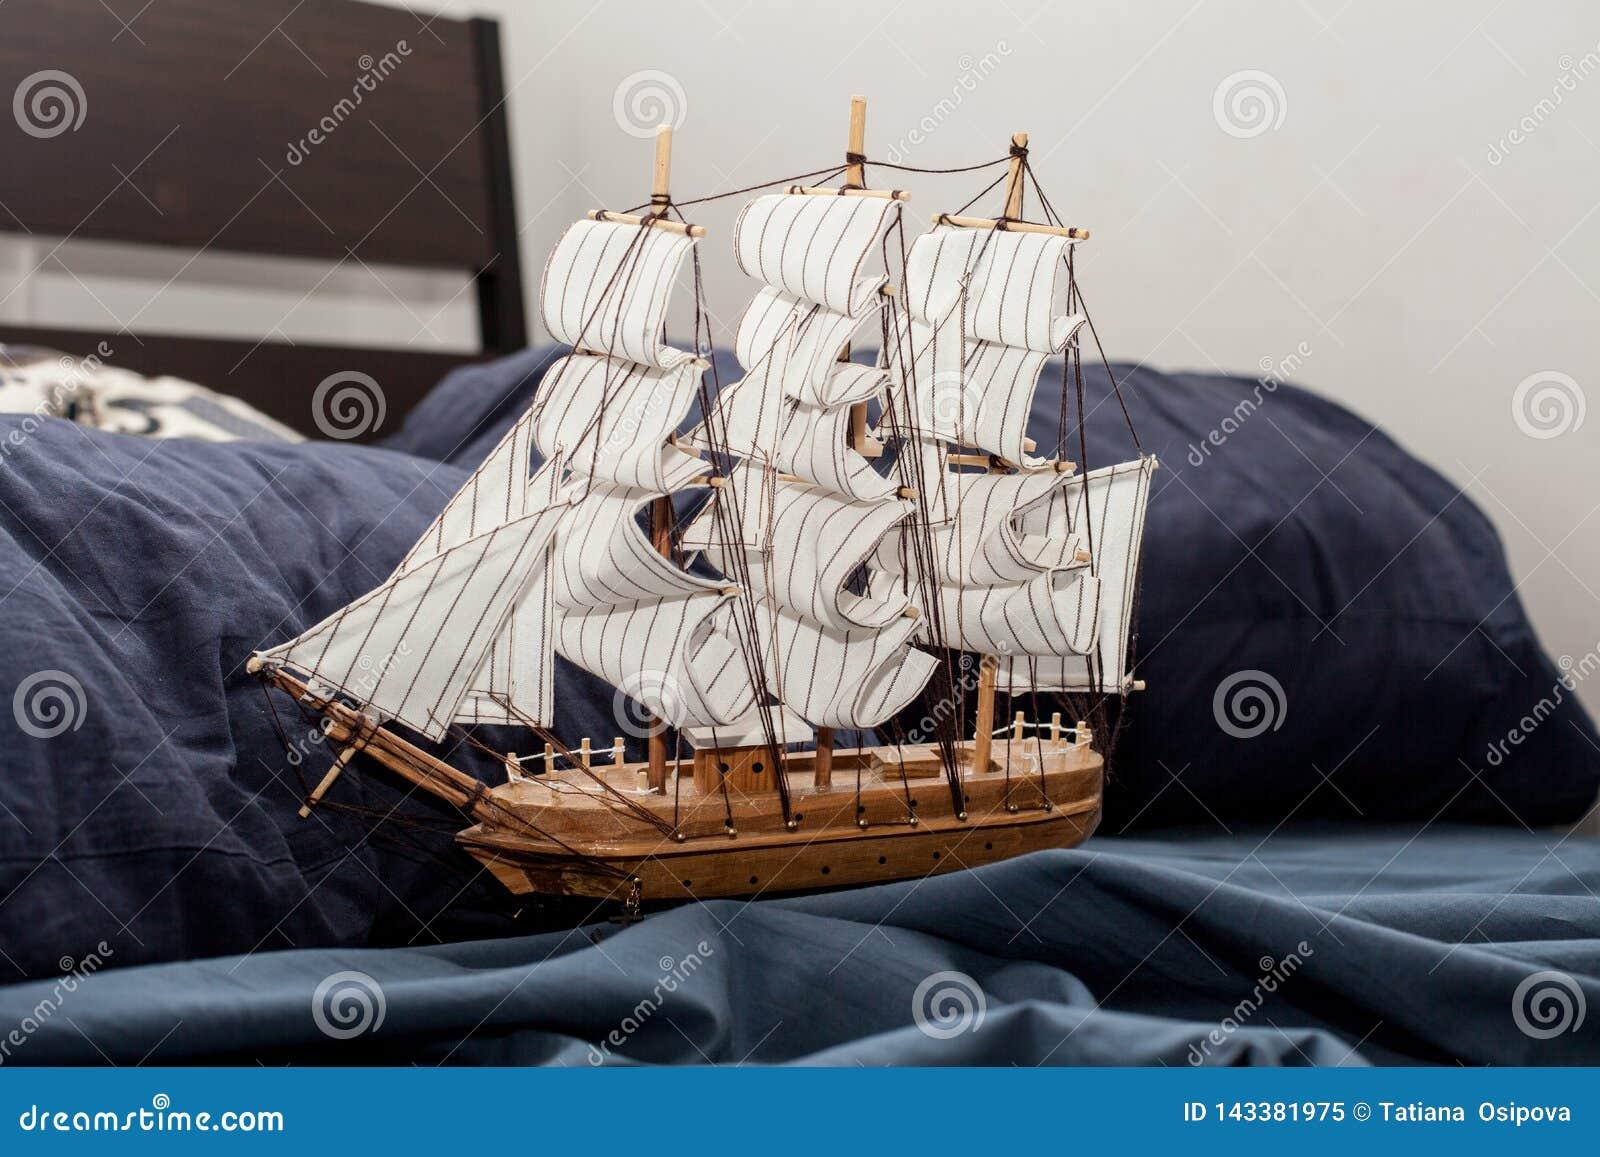 Conceptos de negocio y de creatividad modelo de un velero en un lecho azul Pesadilla o sueño extraño